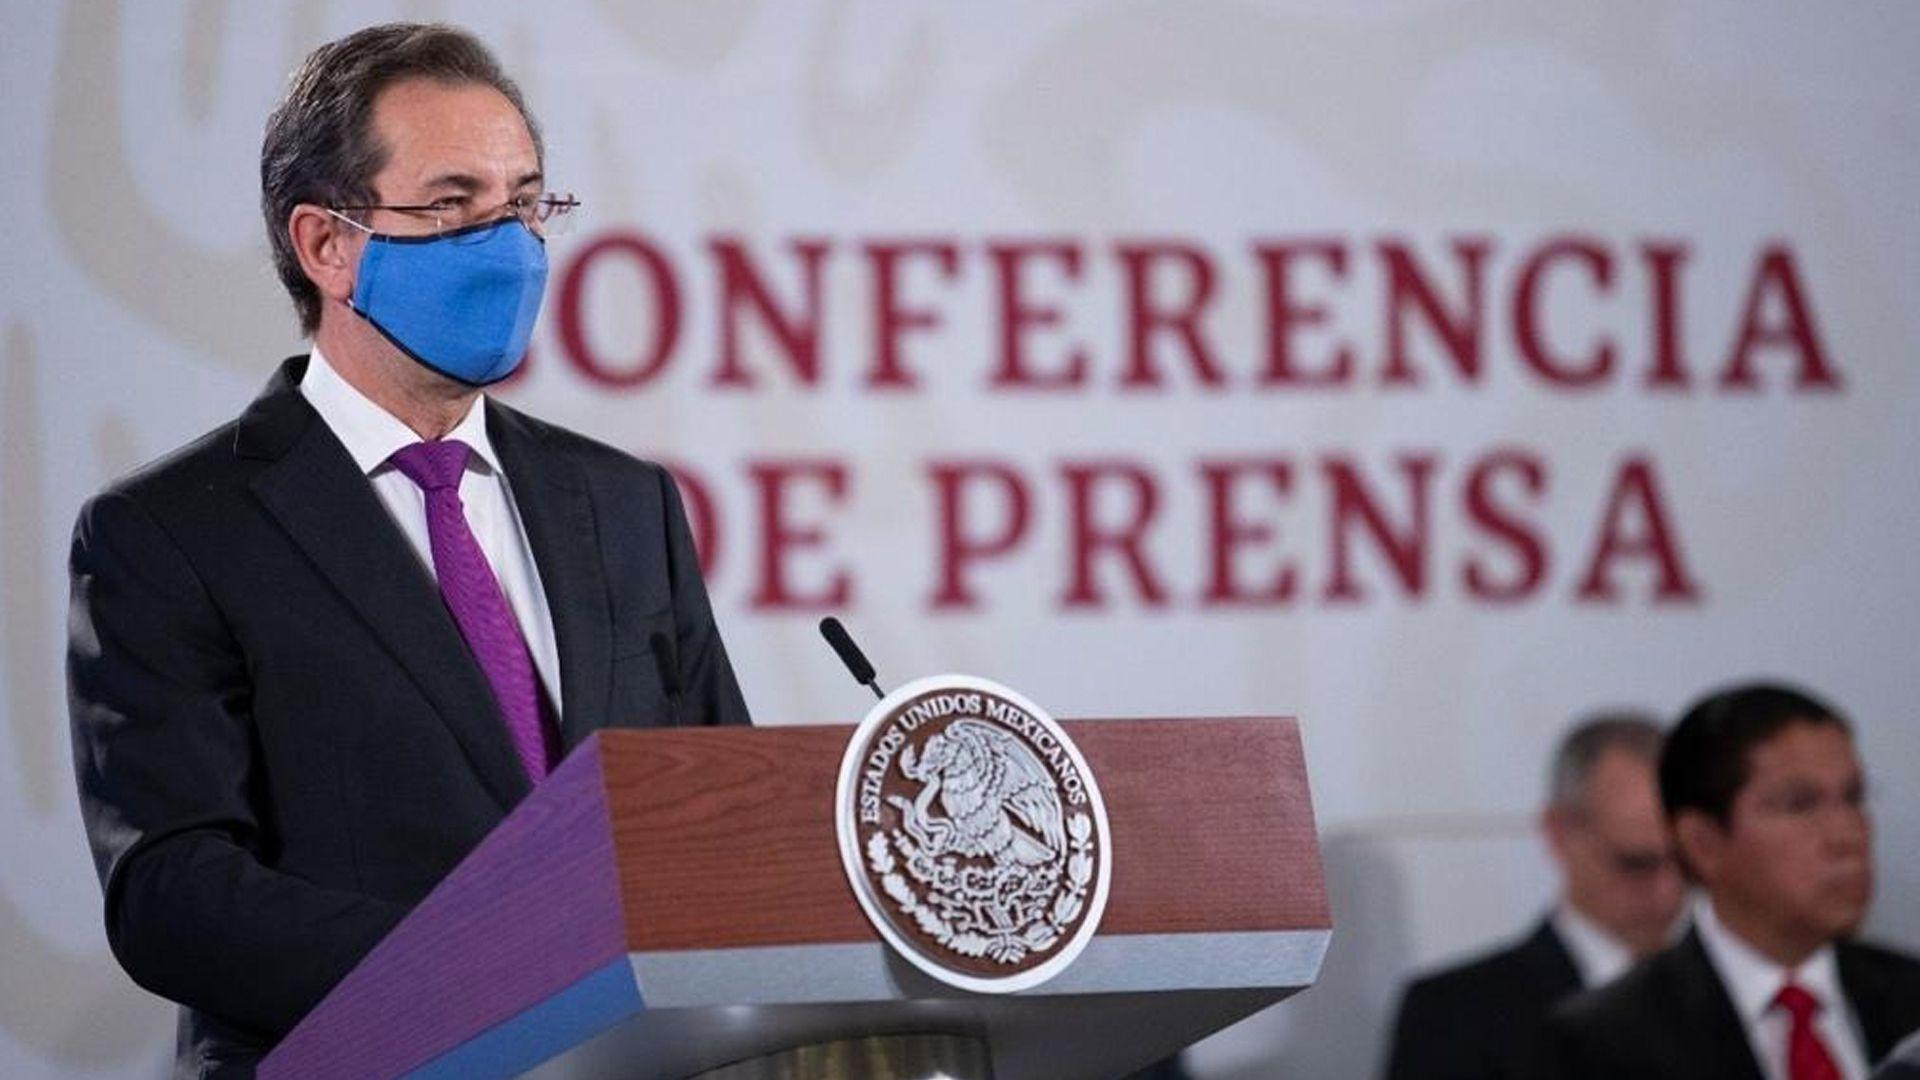 AMLO - ANDRES MANUEL LOPEZ OBRADOR - MEXICO - CONFERENCIA - PRESIDENCIA - 03082020